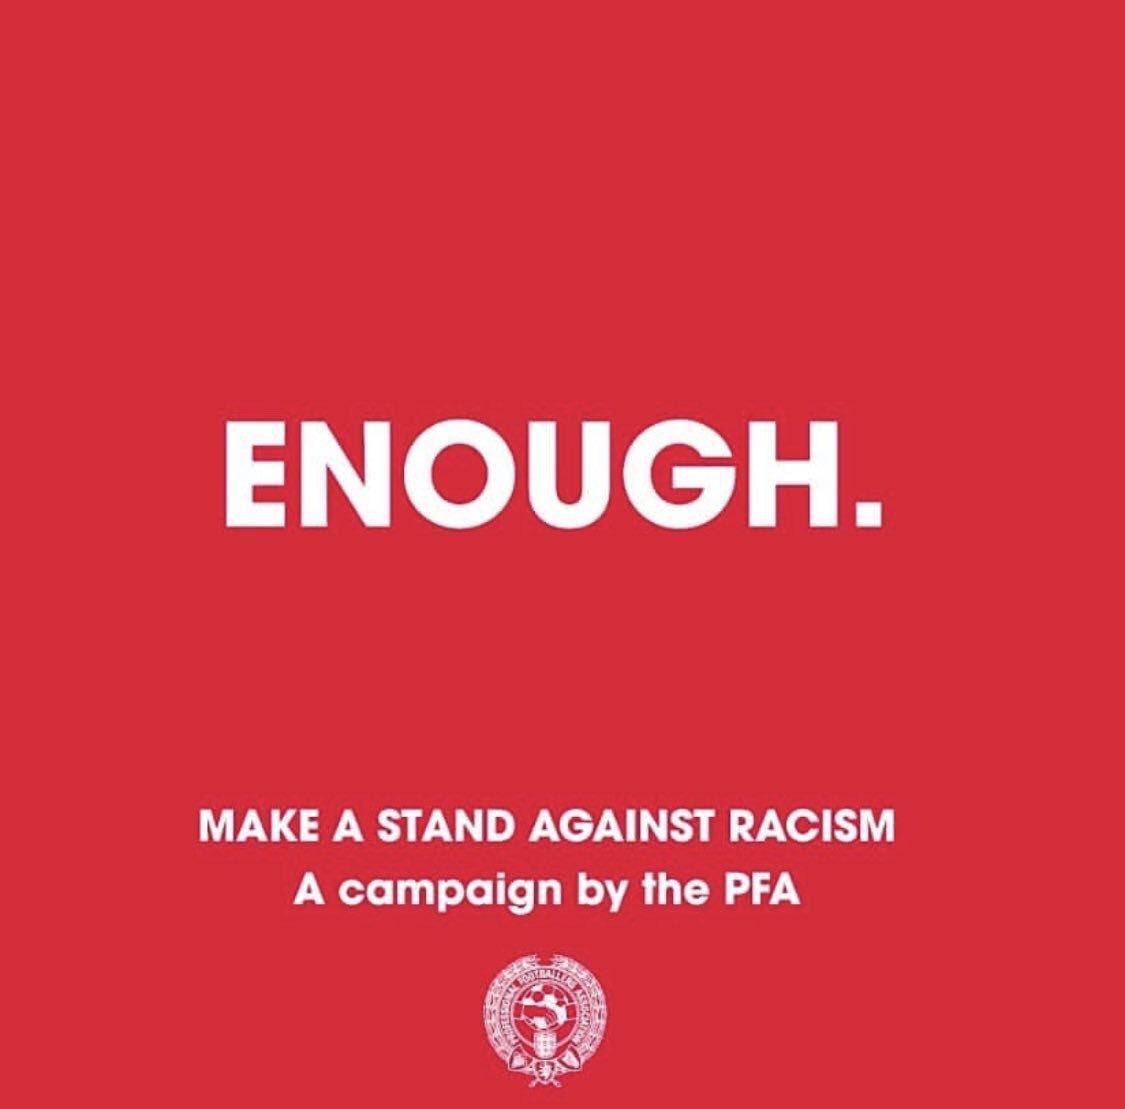 #Enough #PFA #Fairplay